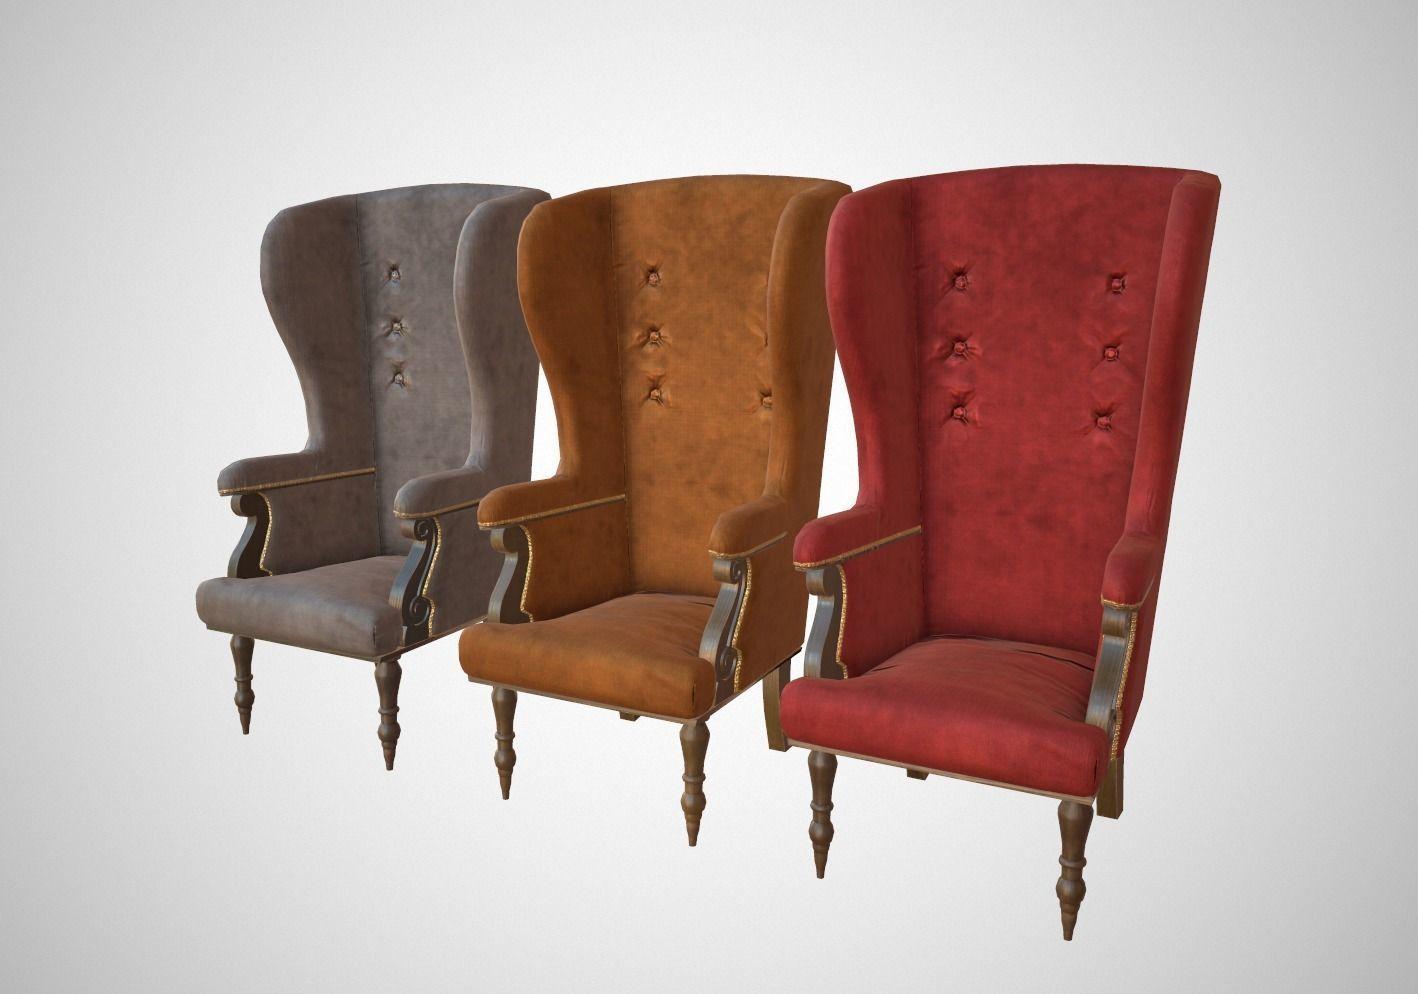 antique armchair 2df639bf 00bb 4ccf a25b 11afa4af6add